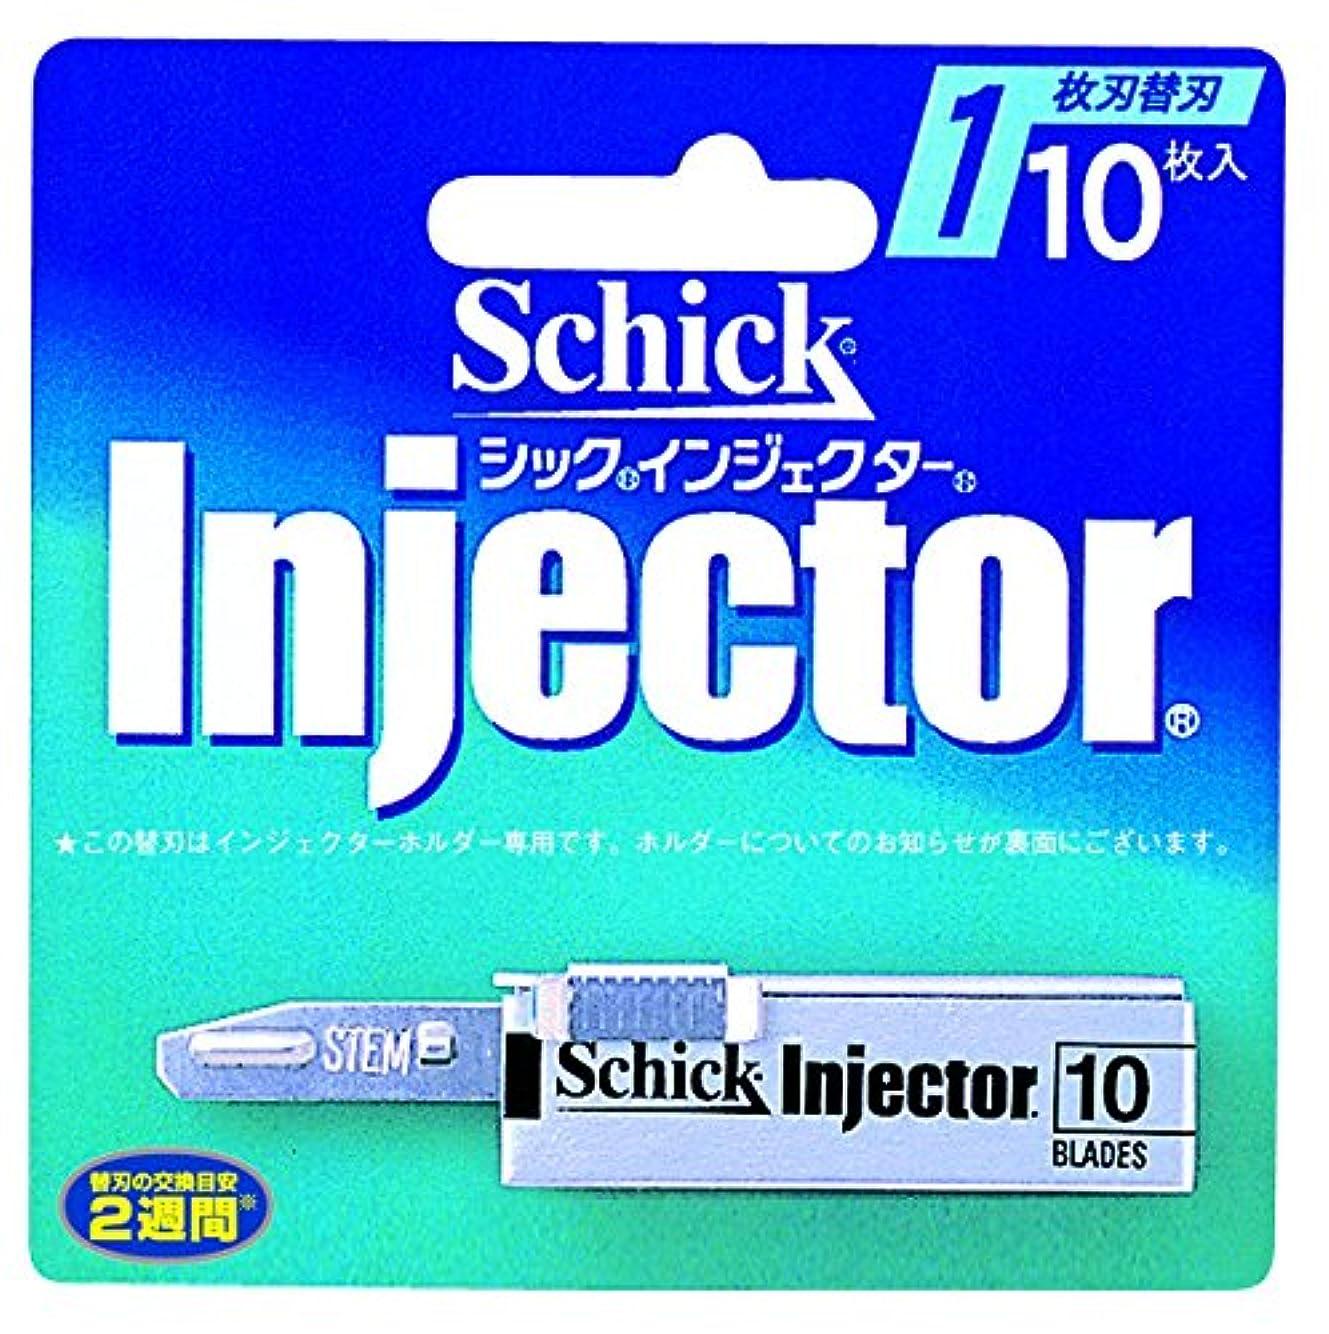 アクチュエータガイド排他的シック インジェクター替刃(10枚入り)